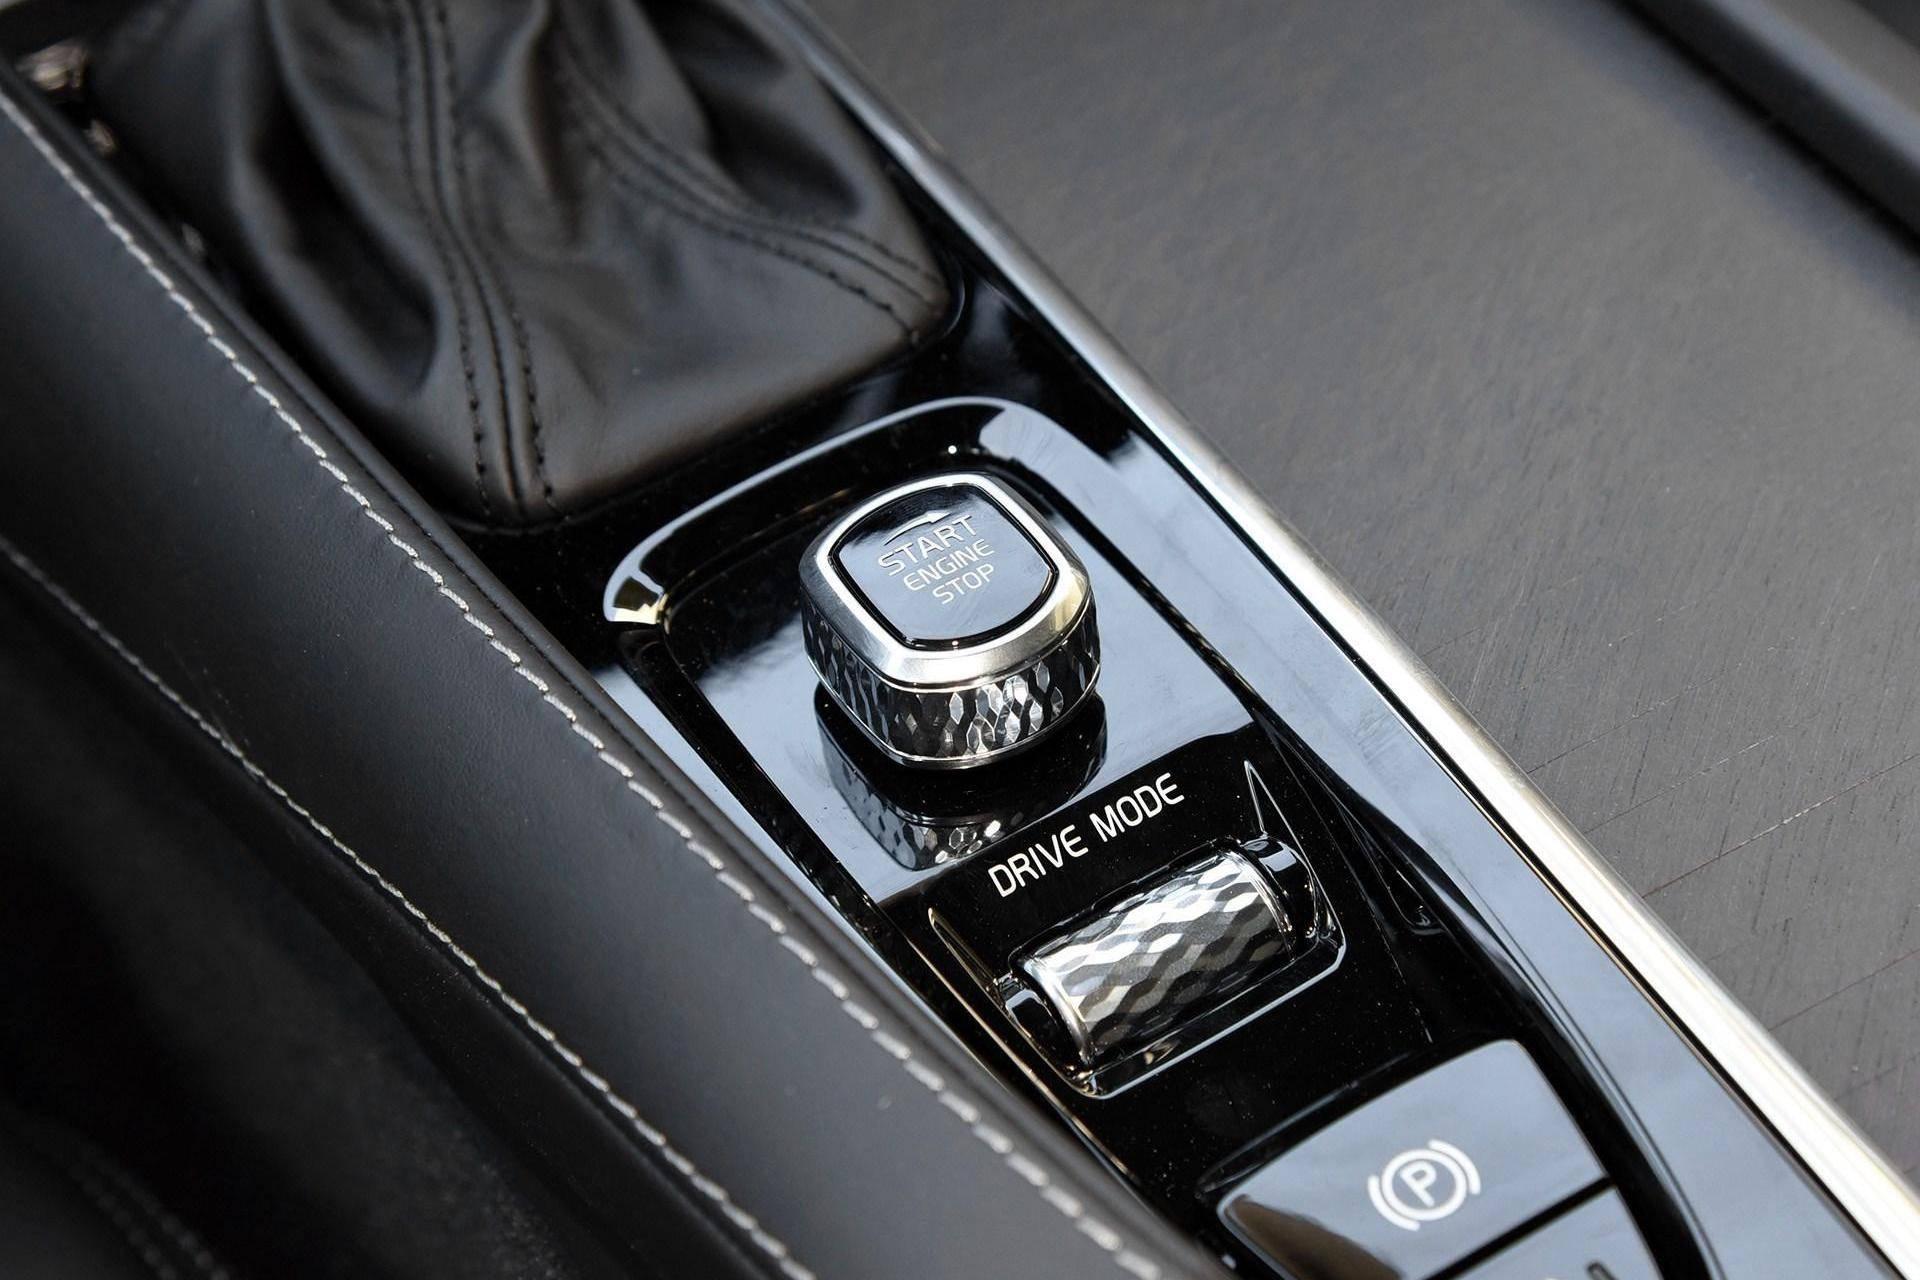 年轻人首台豪车?进口标配全液晶仪表,252马力入门就是四驱